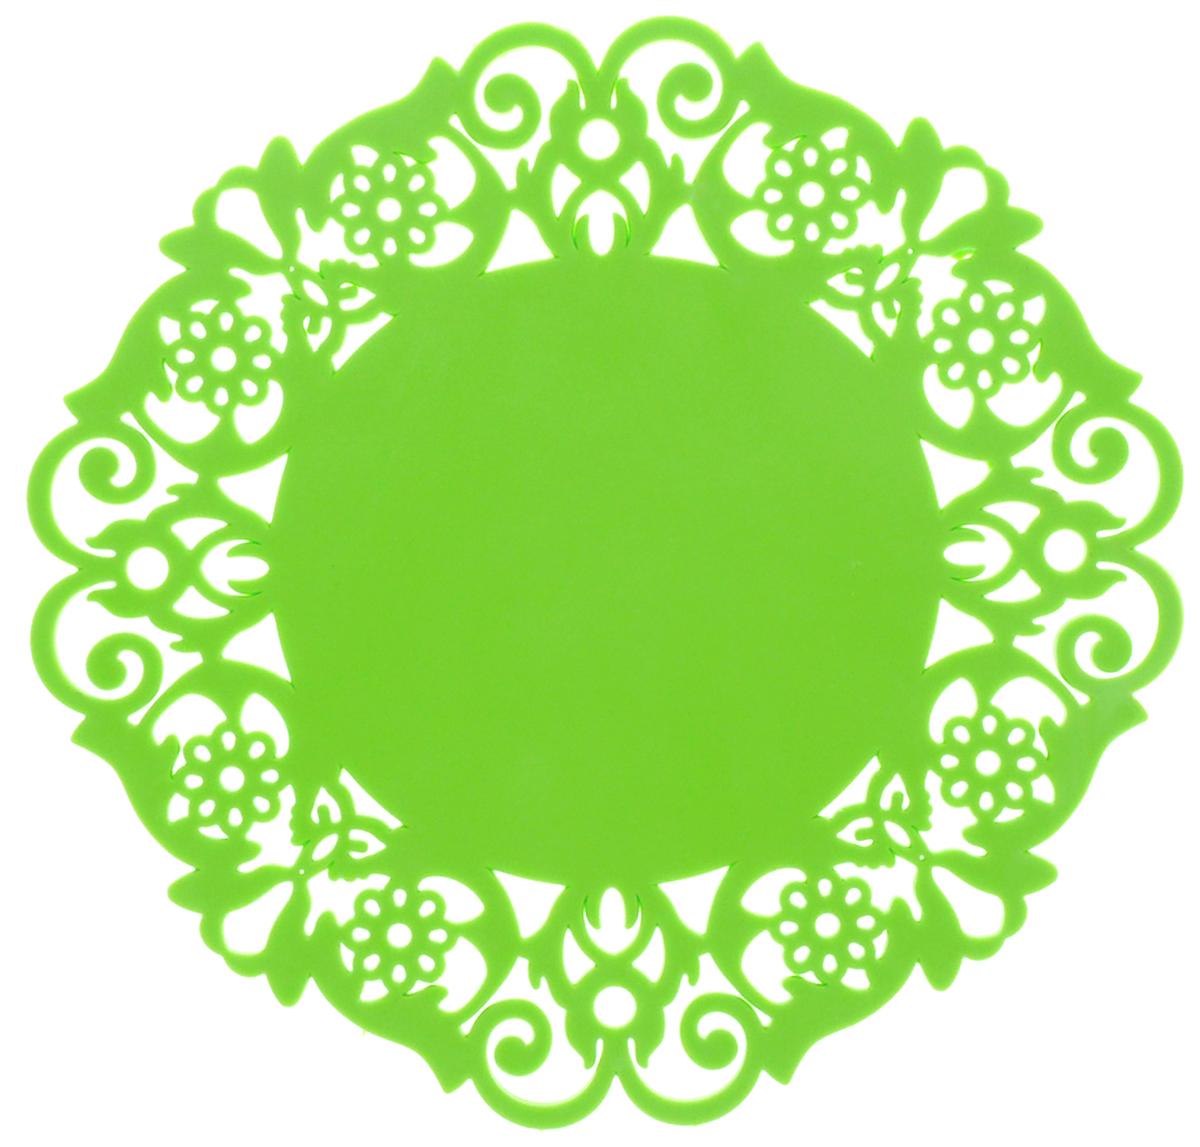 Подставка под горячее Доляна Чаепитие, цвет: салатовый, диаметр 16 см812070Силиконовая подставка под горячее - практичный предмет, который обязательно пригодится в хозяйстве. Изделие поможет сберечь столы, тумбы, скатерти и клеёнки от повреждения нагретыми сковородами, кастрюлями, чайниками и тарелками.